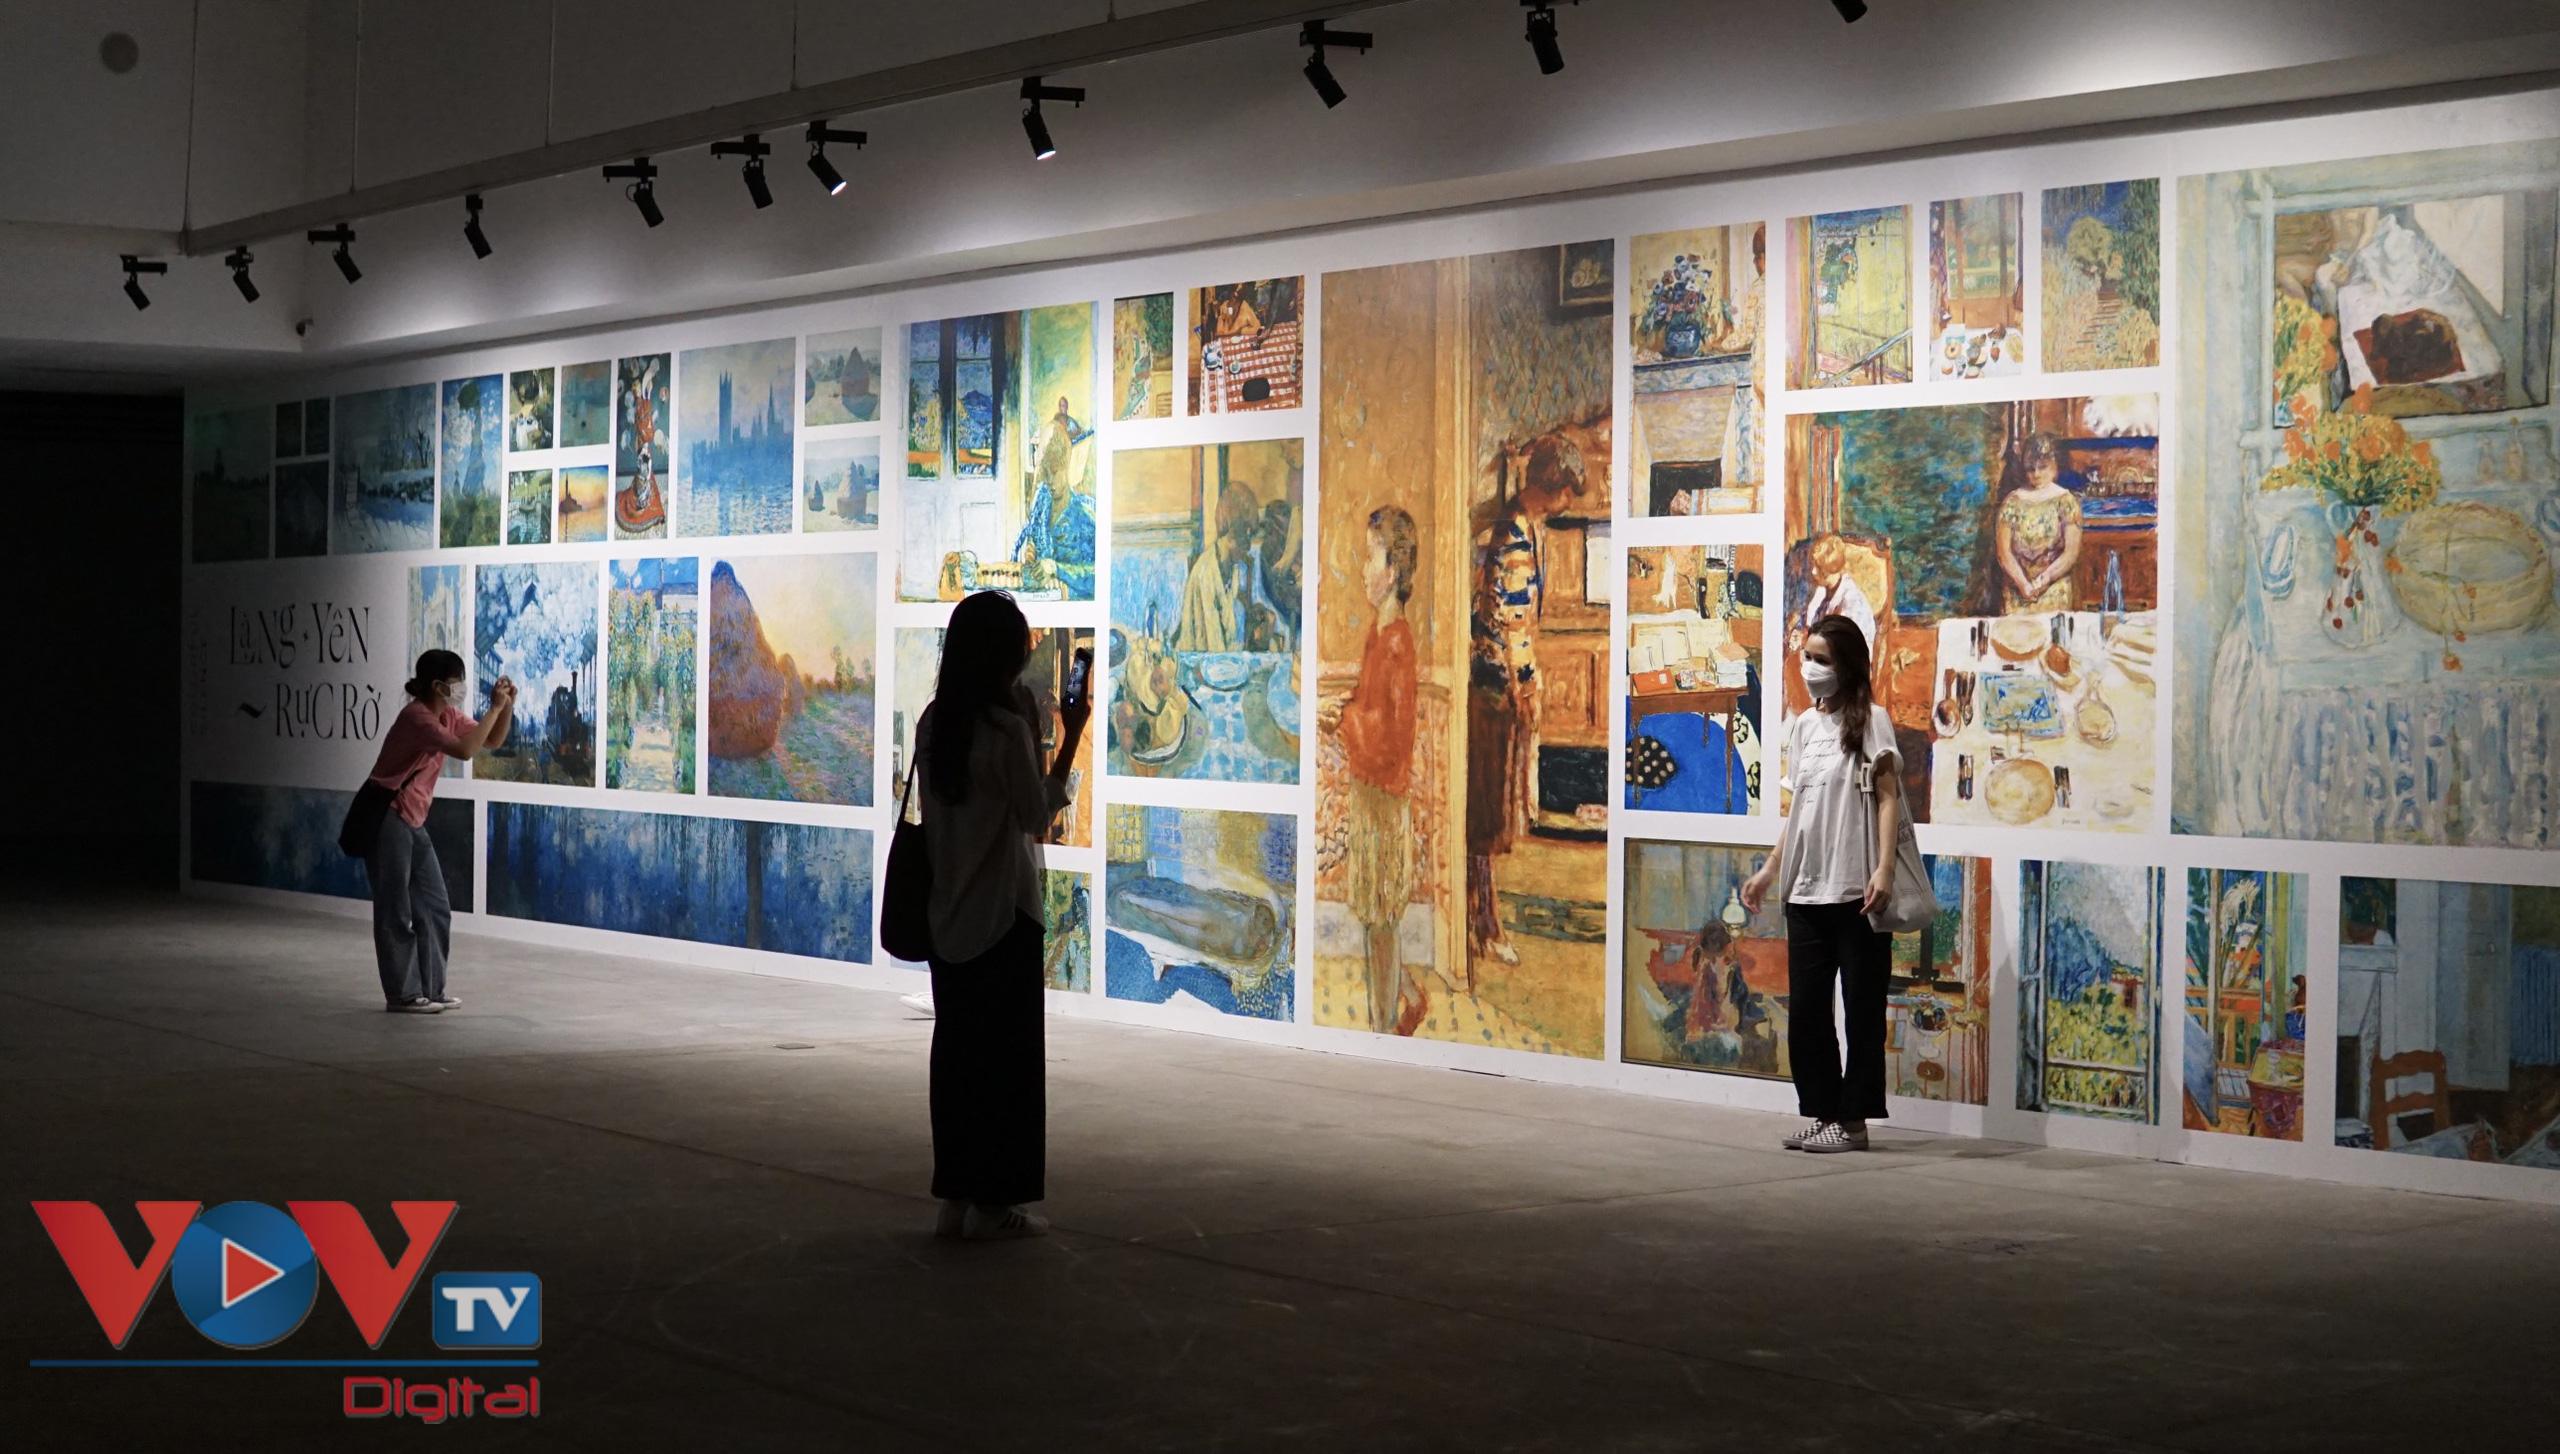 'Lặng yên rực rỡ': Cuộc chu du trong thế giới nghệ thuật - Ảnh 1.